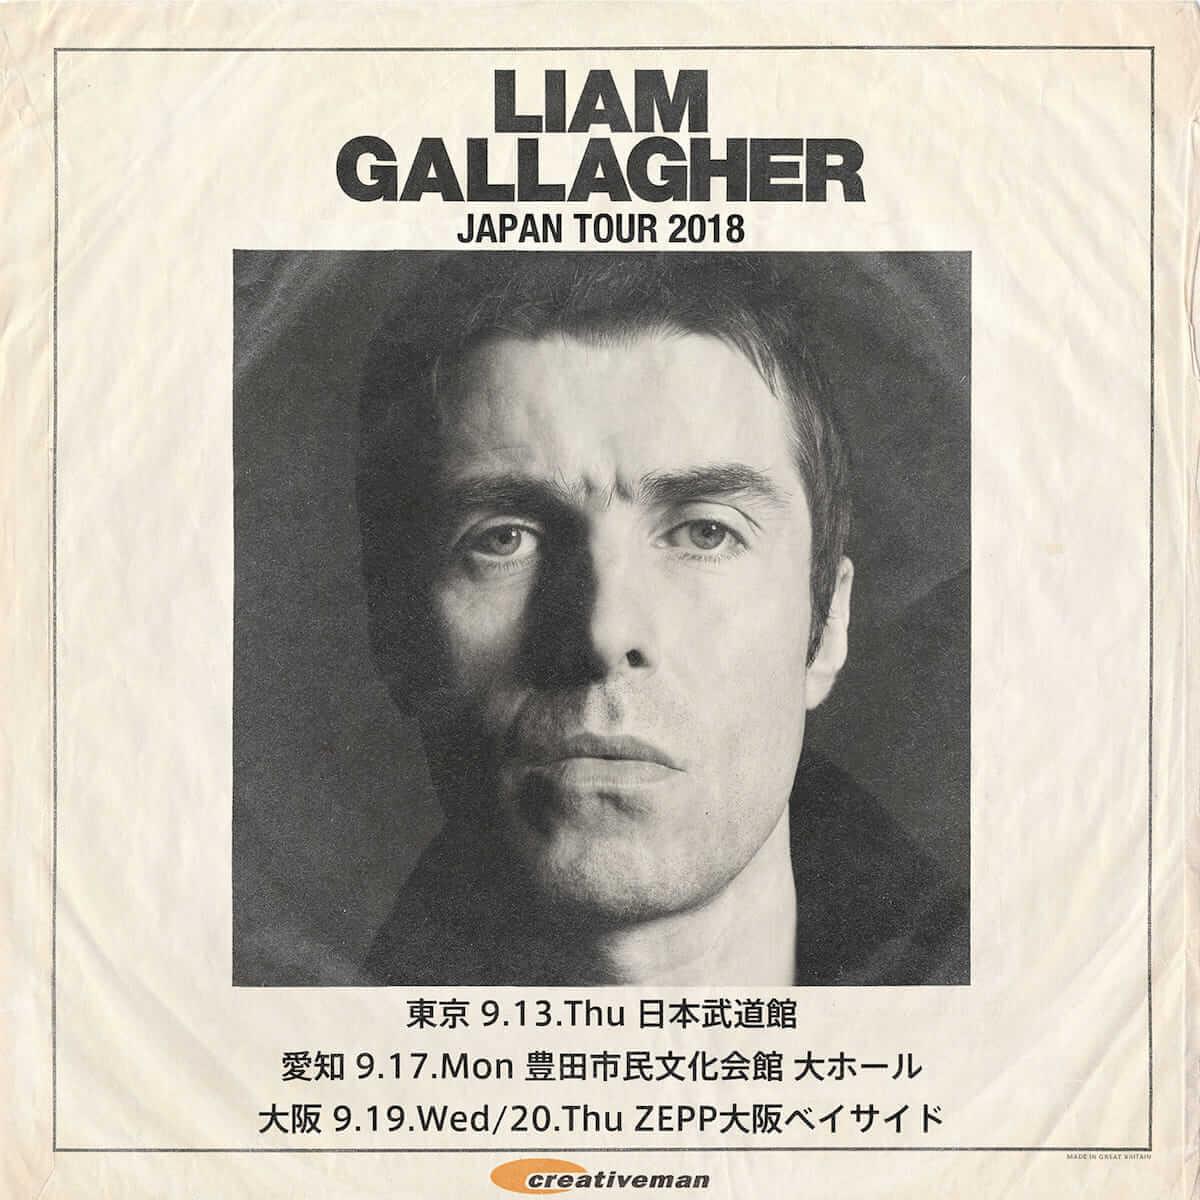 リアム・ギャラガー、アレサ・フランクリンに「Live Forever」「Soul Love」を捧げる music180523_liamgallagher_2-1200x1200